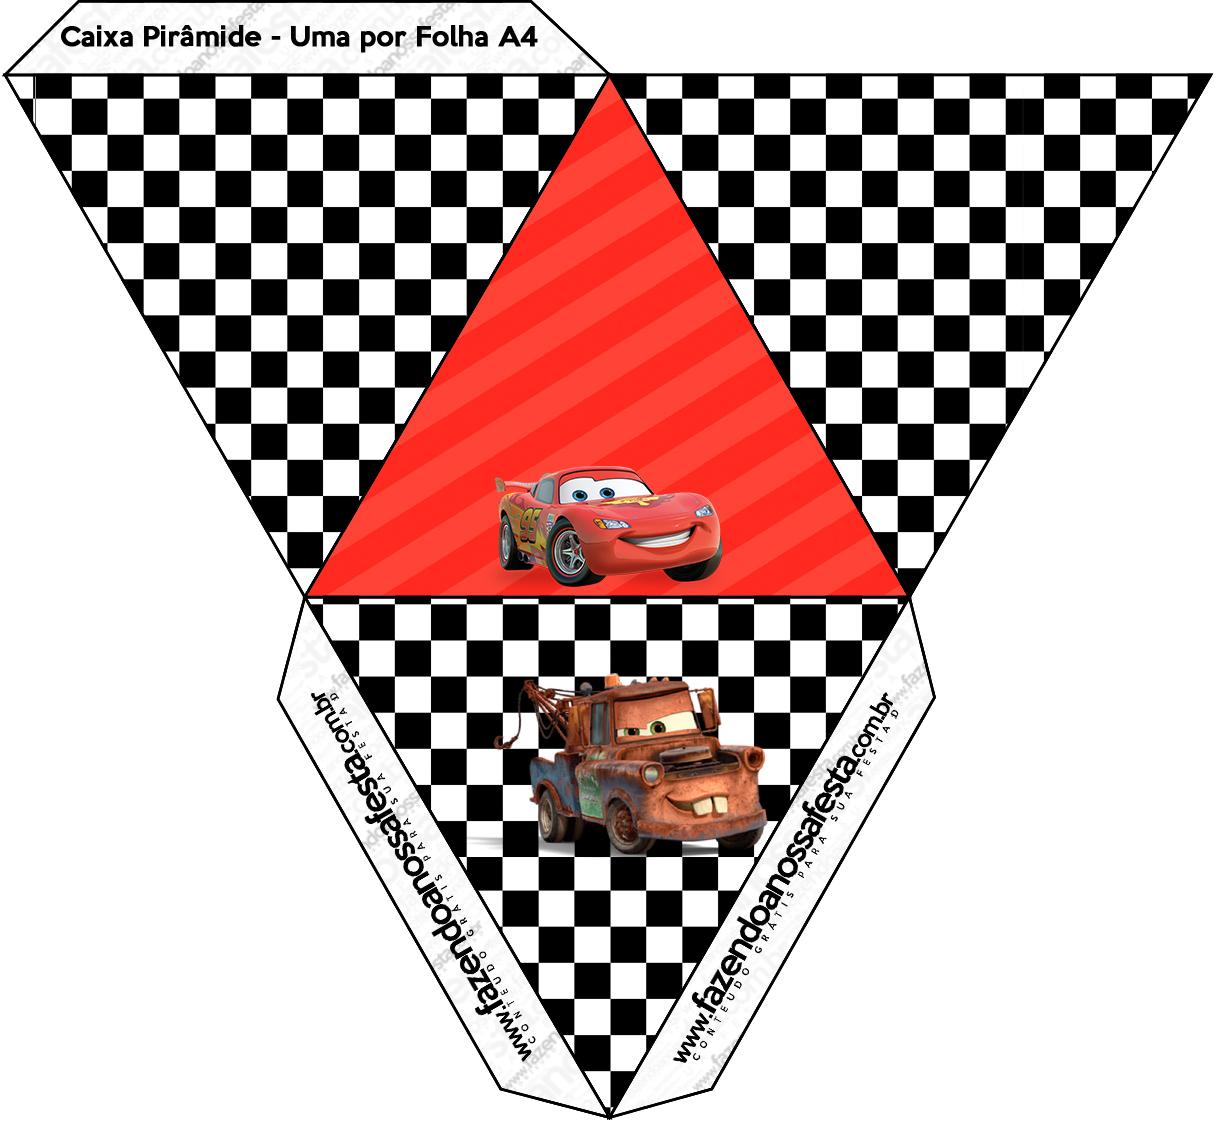 Caixa Pirâmide Carros Disney